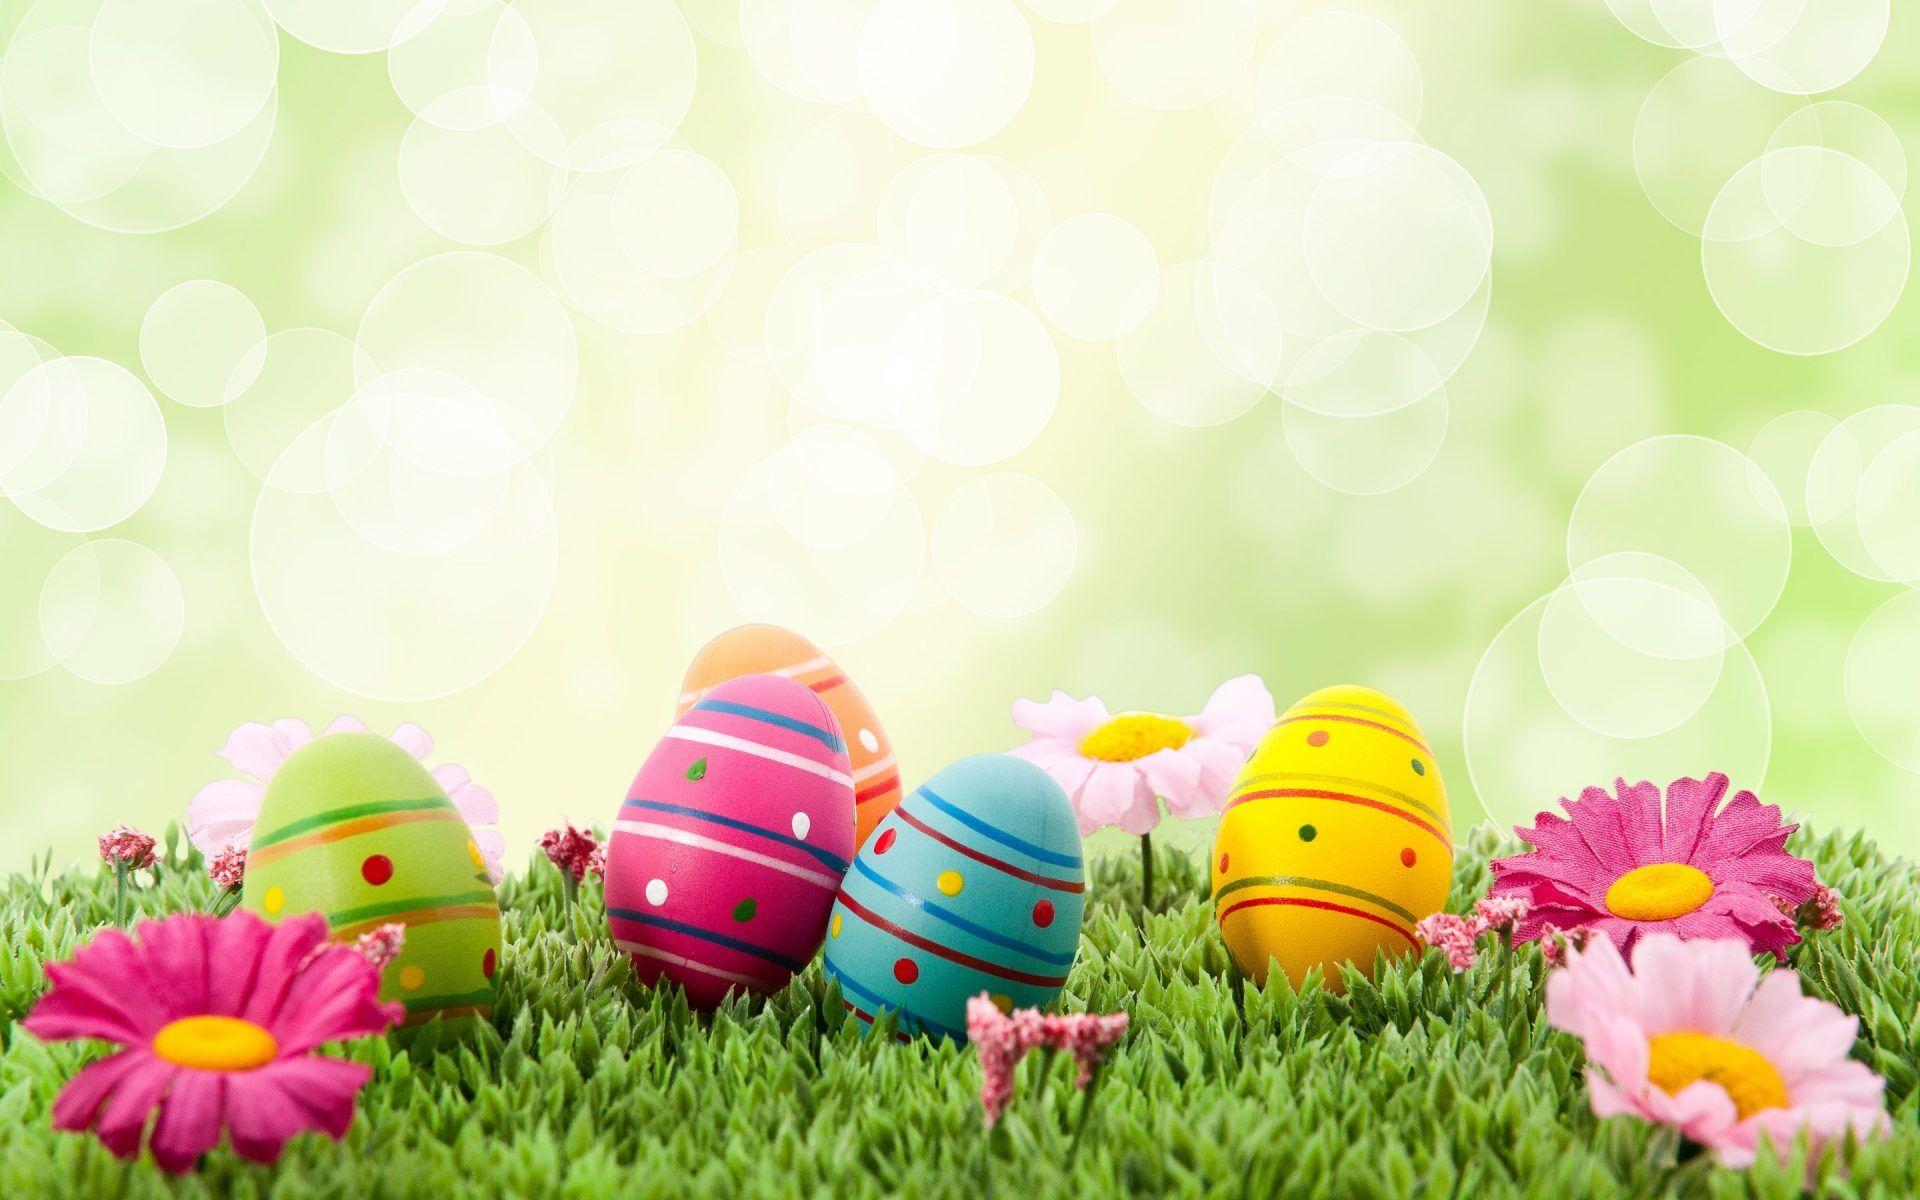 Wallpaper Easter Https Wallpapersko Com Wallpaper Easter Html Easter Wallpaper Hd Wallpa Happy Easter Wallpaper Happy Easter Pictures Easter Backgrounds